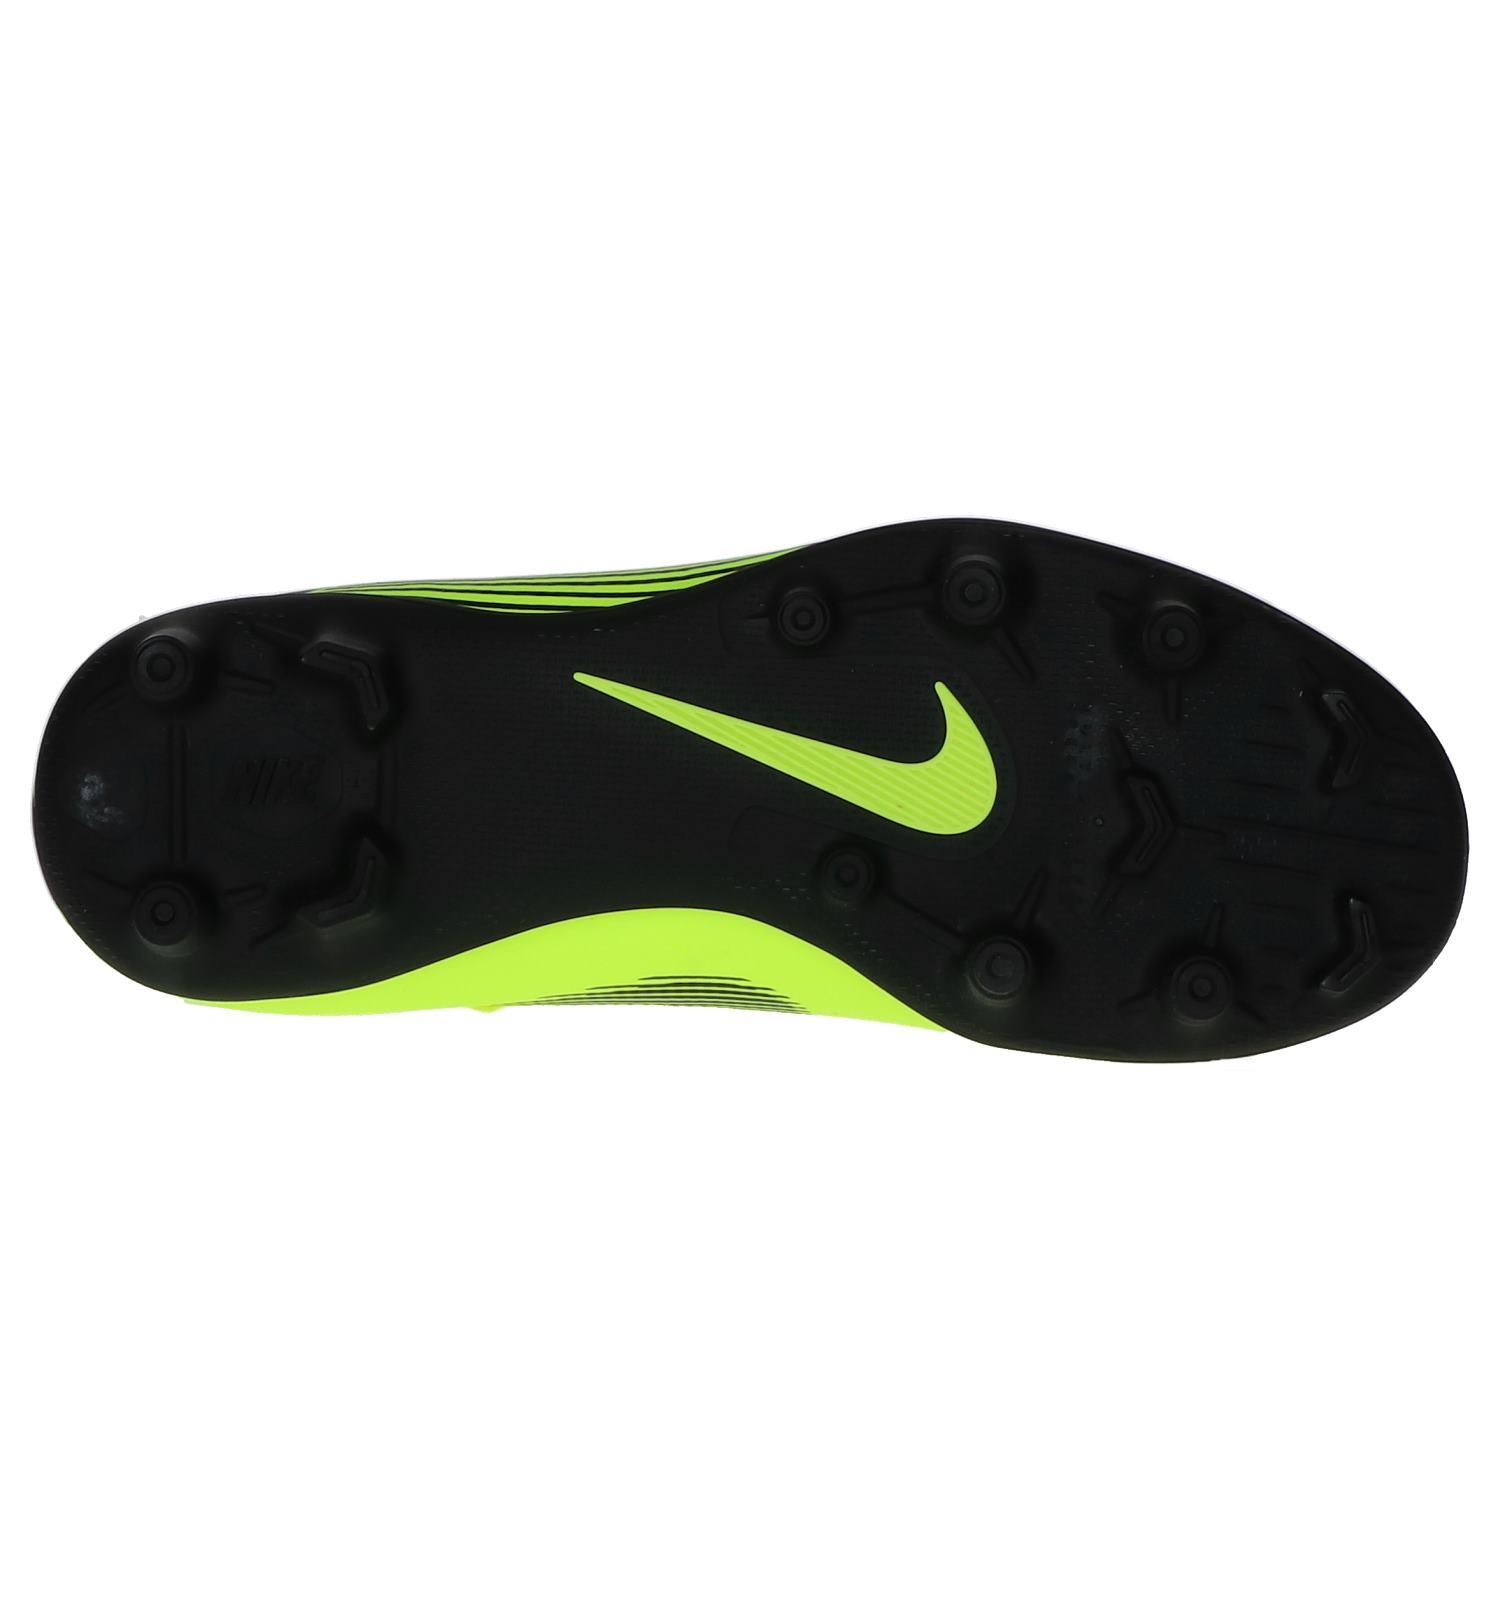 Fluo Nike Foot Chaussures be Et Livraison Torfs De jaune xxFfSwqC